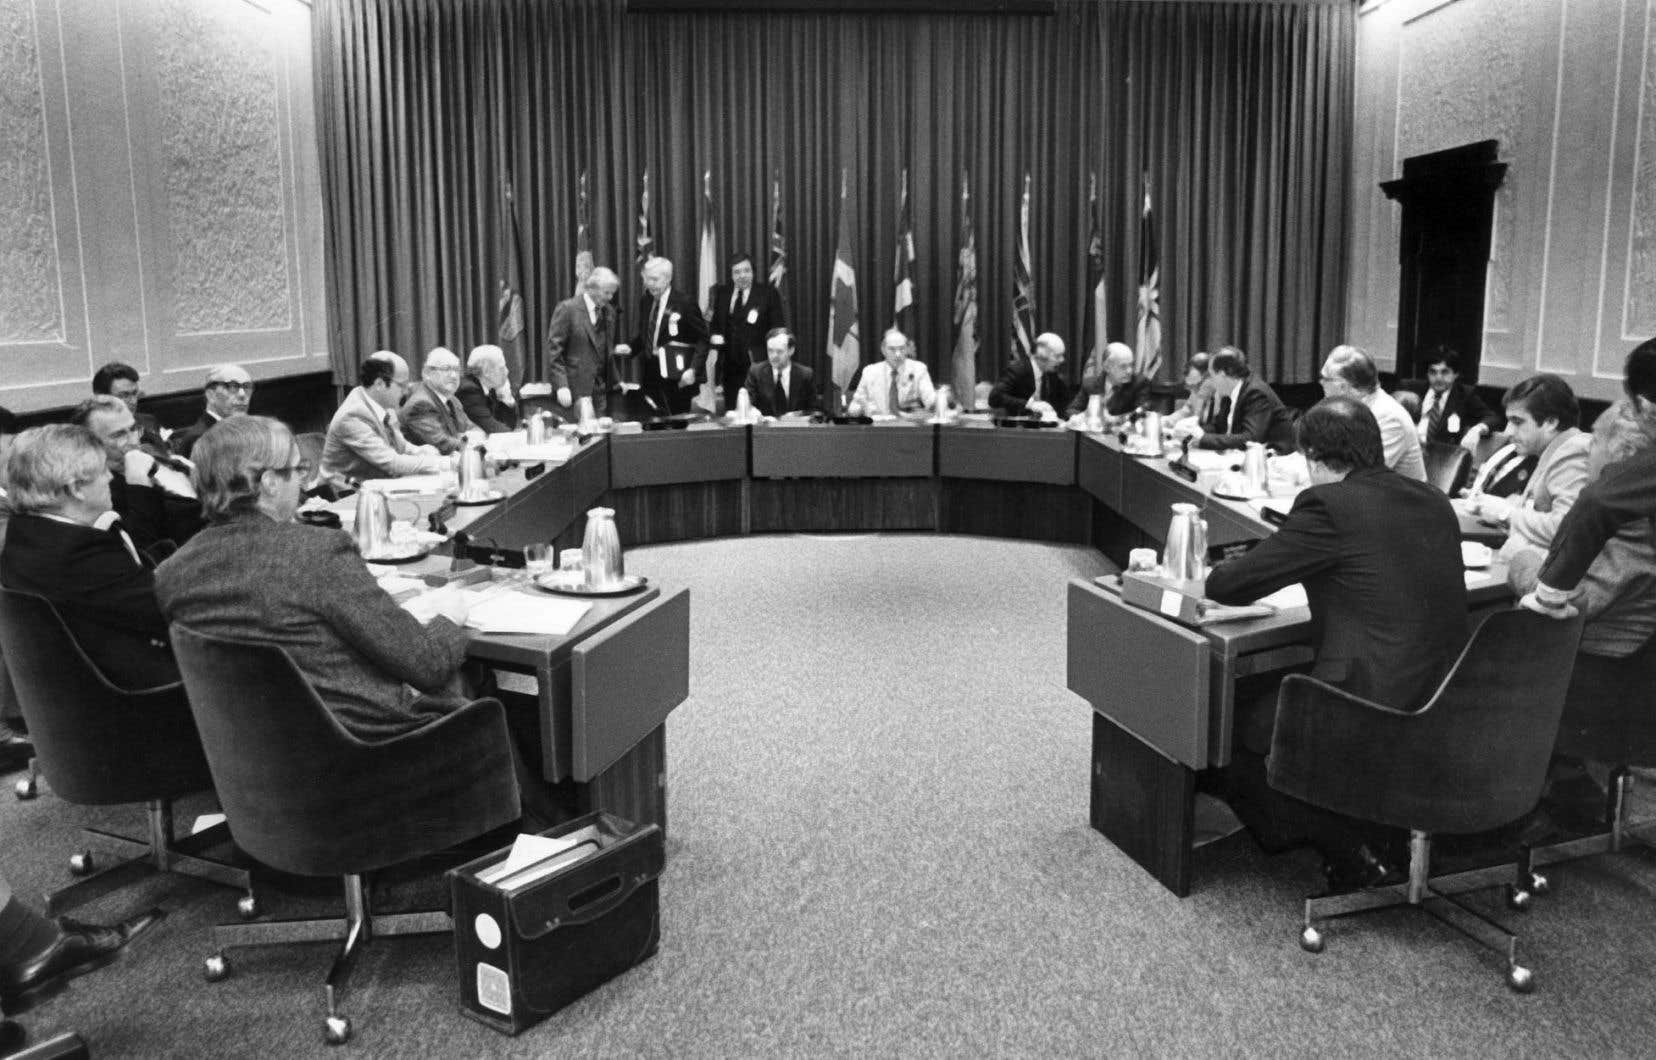 Dès le lendemain du référendum de 1980, Trudeau entreprit de rapatrier de Londres la Constitution canadienne en y insérant des modifications qui réduisaient les pouvoirs des provinces, plutôt que de les augmenter.